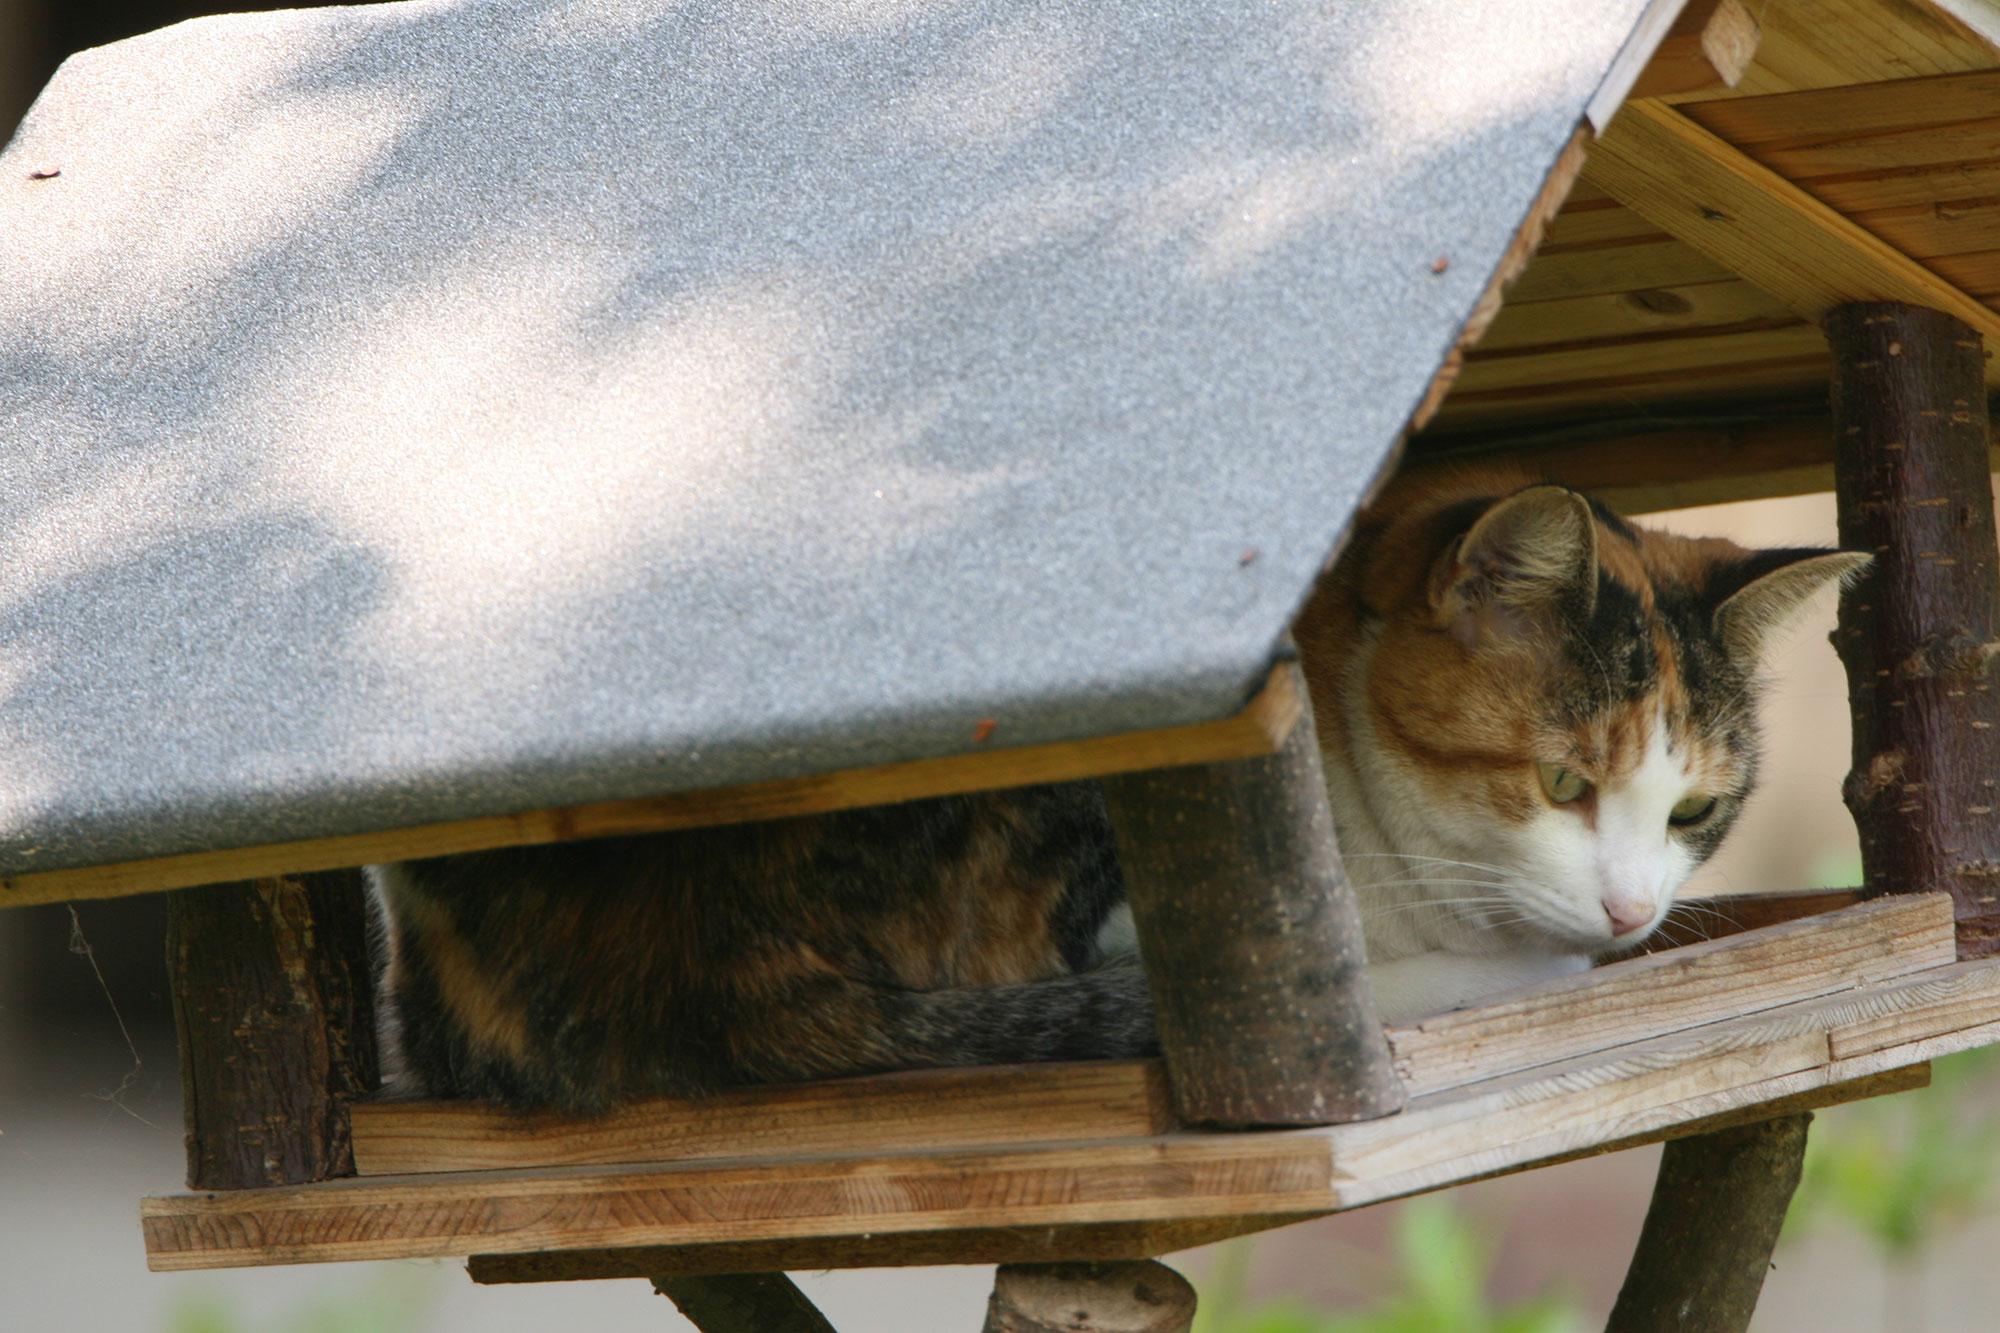 Katzen und Vögel: Tipps für Garten- und Katzenbesitzer - LBV